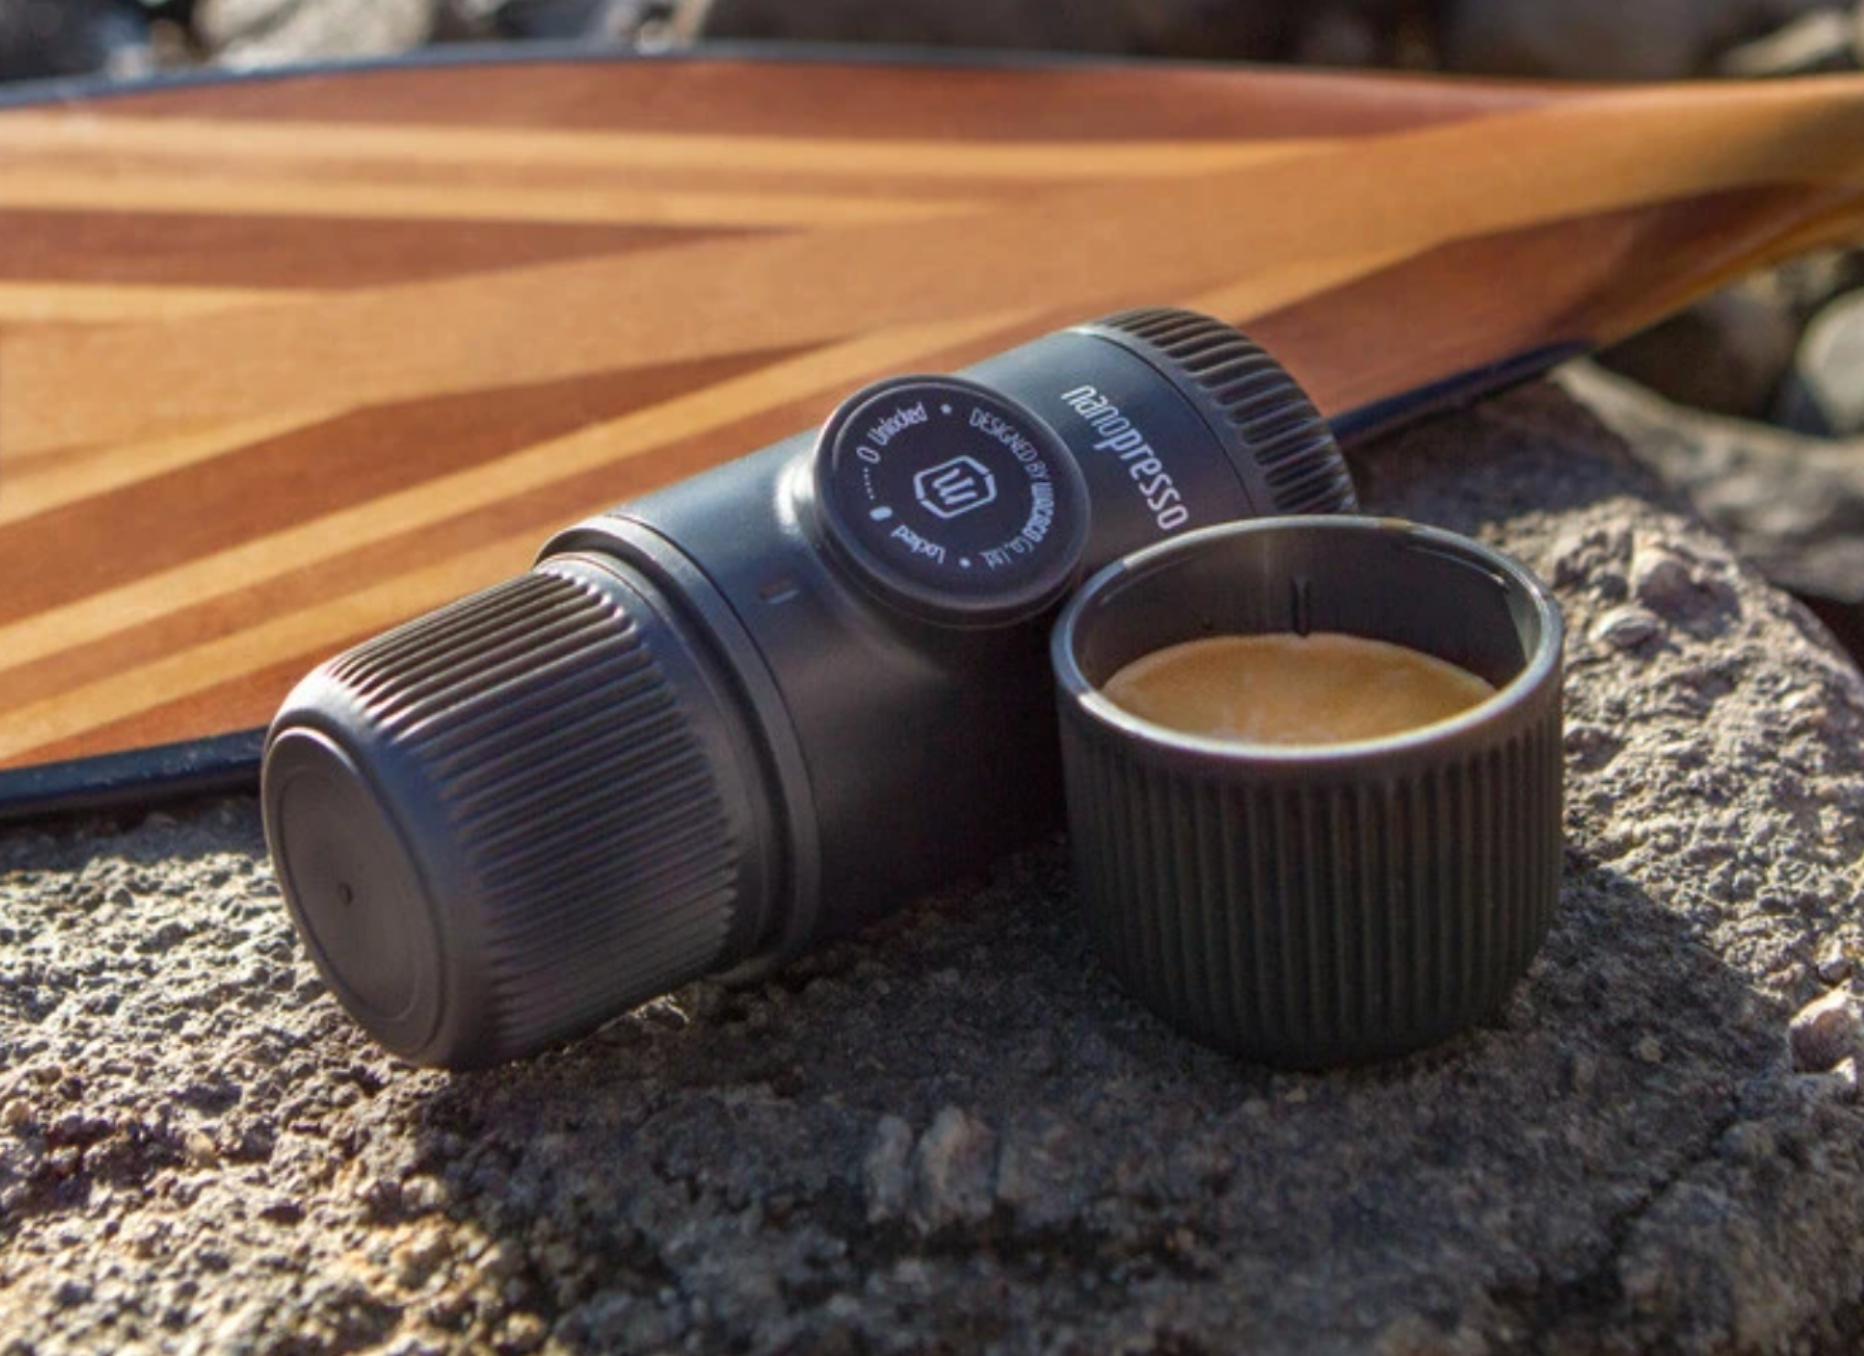 Nano Espresso